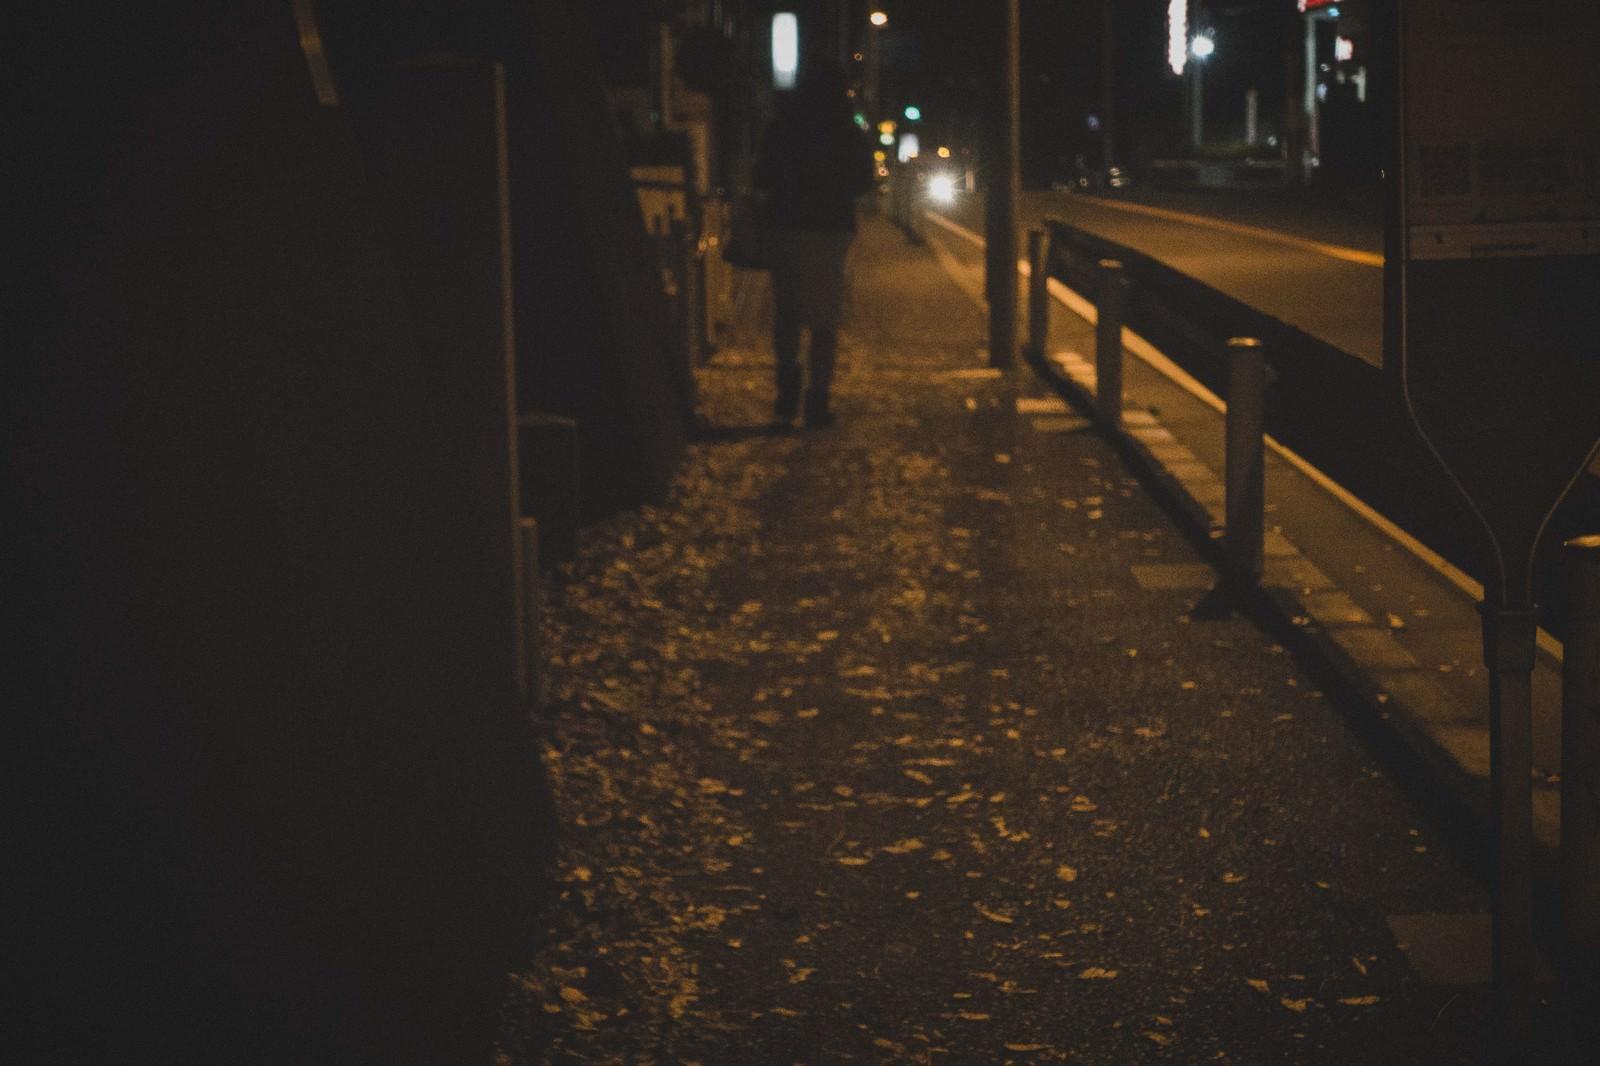 「深夜の帰宅」の写真